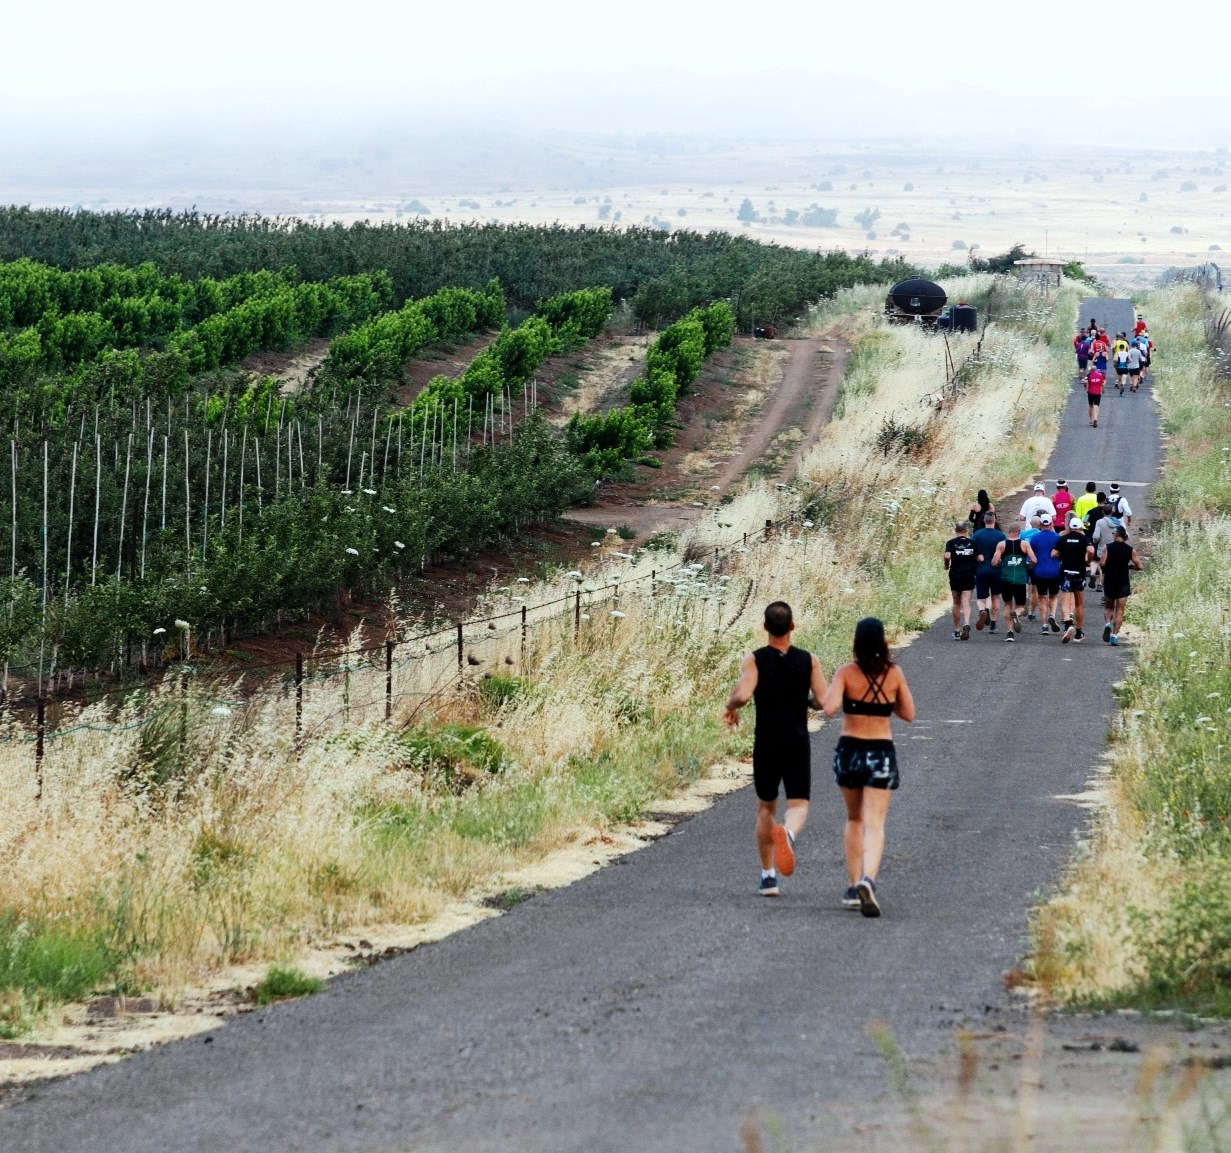 כפר הריצה הראשון בישראל HIDE AWAY